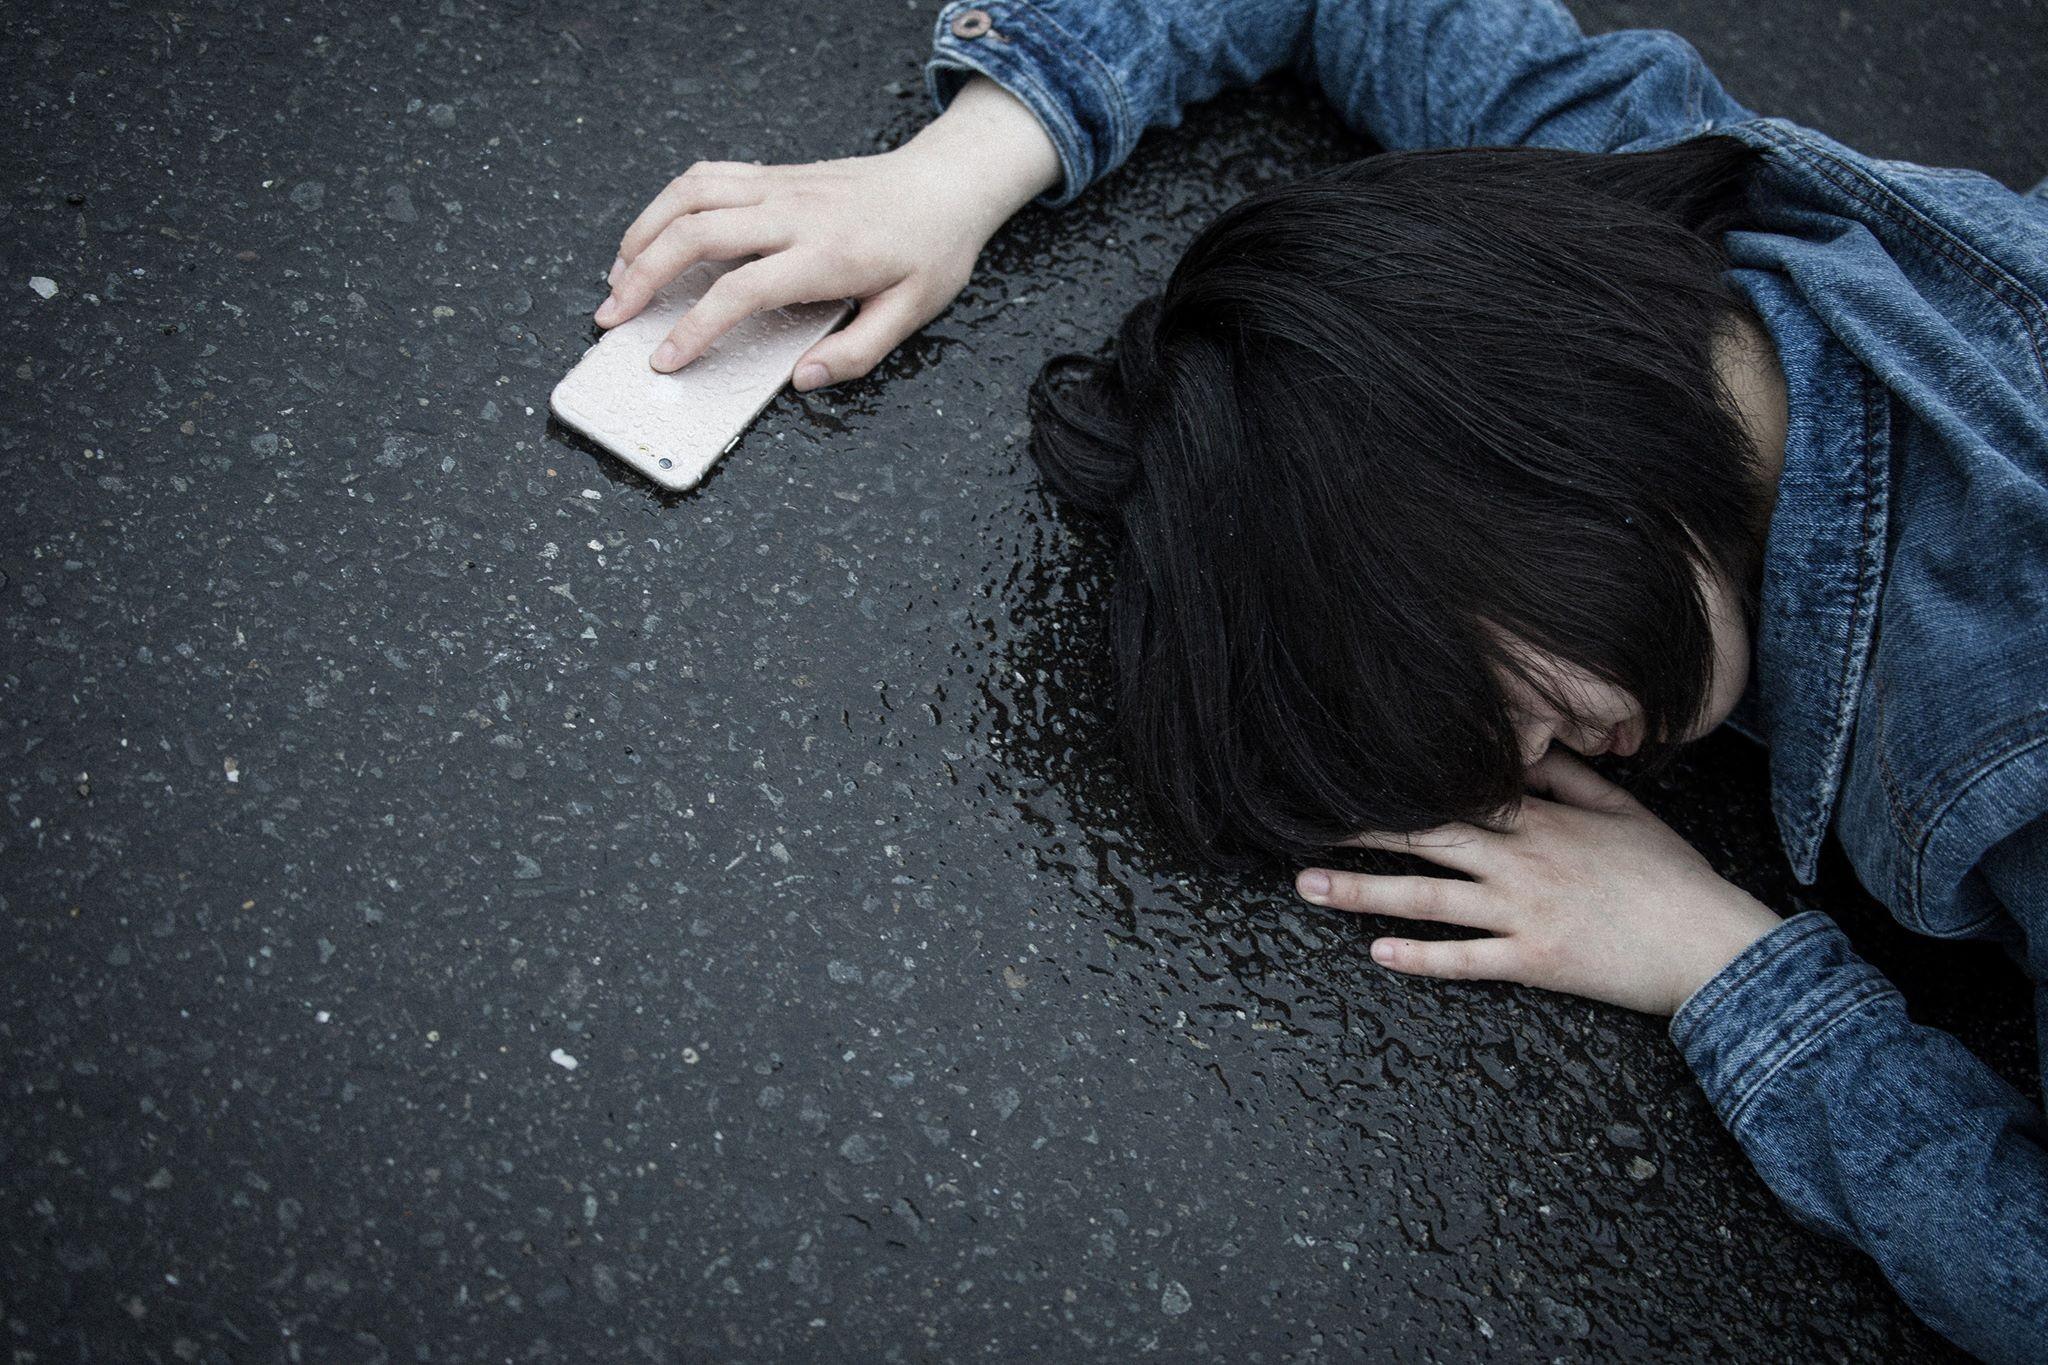 出櫃被爸狠揍譙「沒路用」!高二生交男友被霸凌 推開加害同學割腕再跳樓